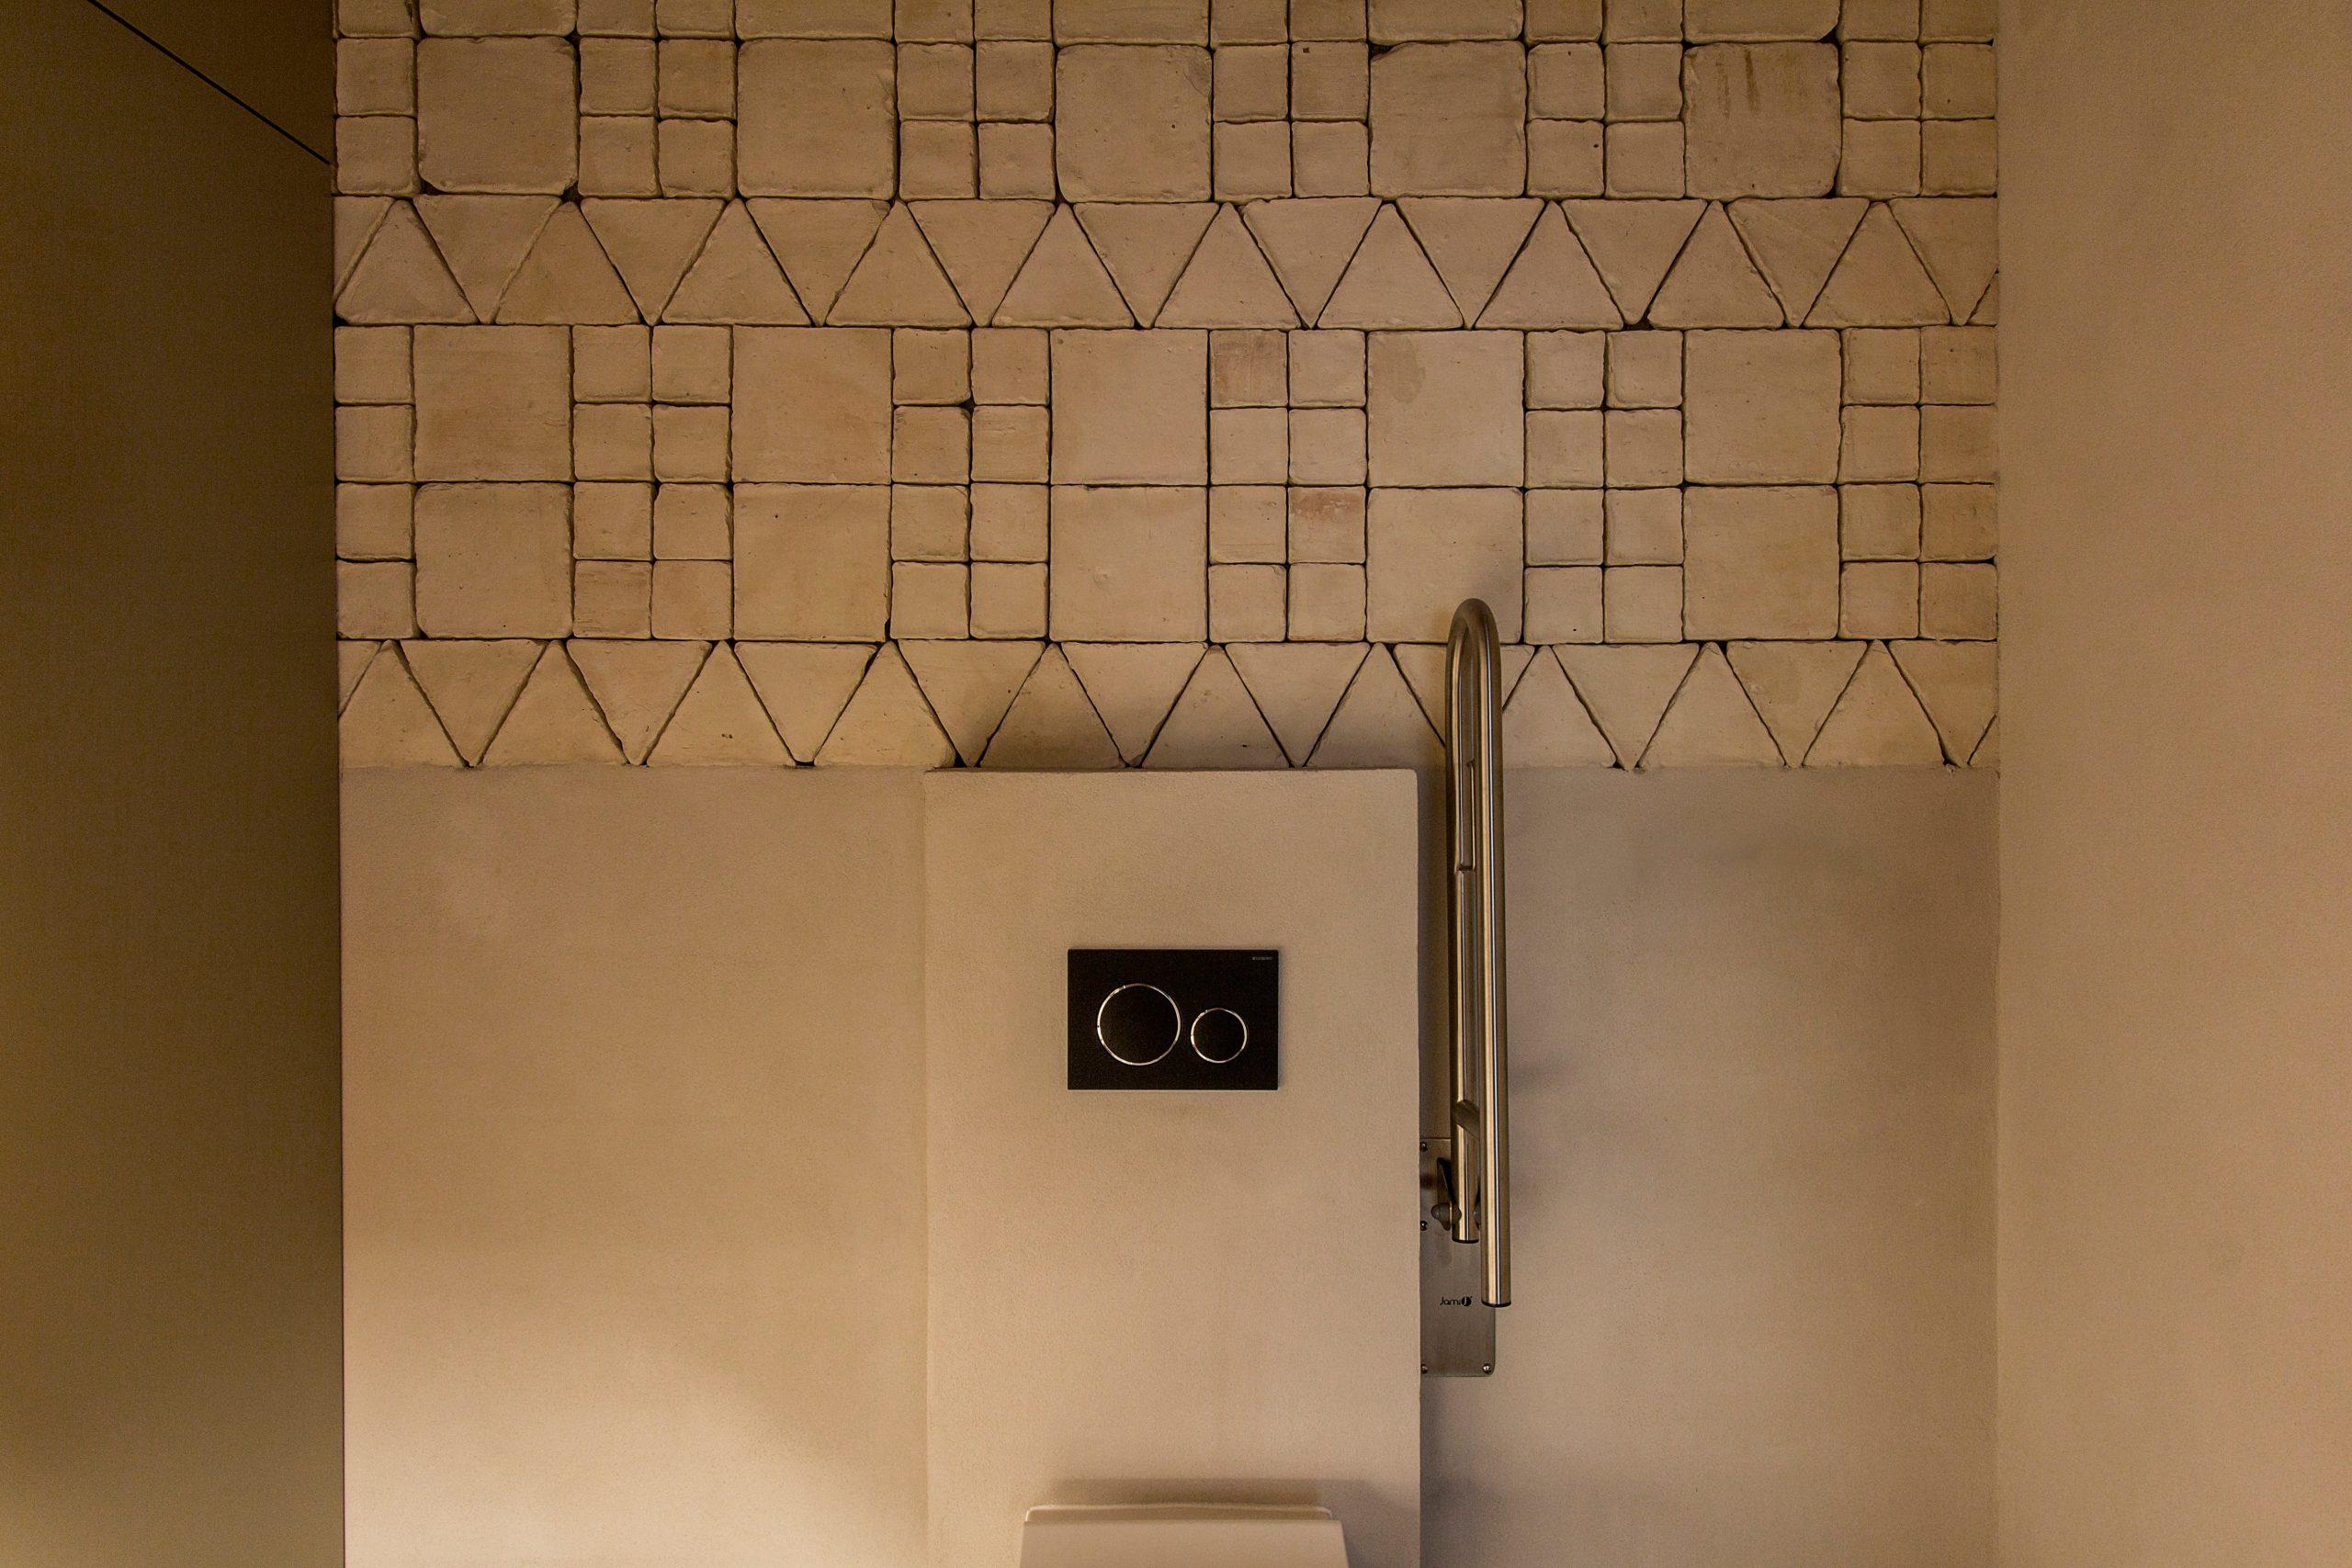 Detalle de pared compuesta por piezas de barro artesanales de Todobarro